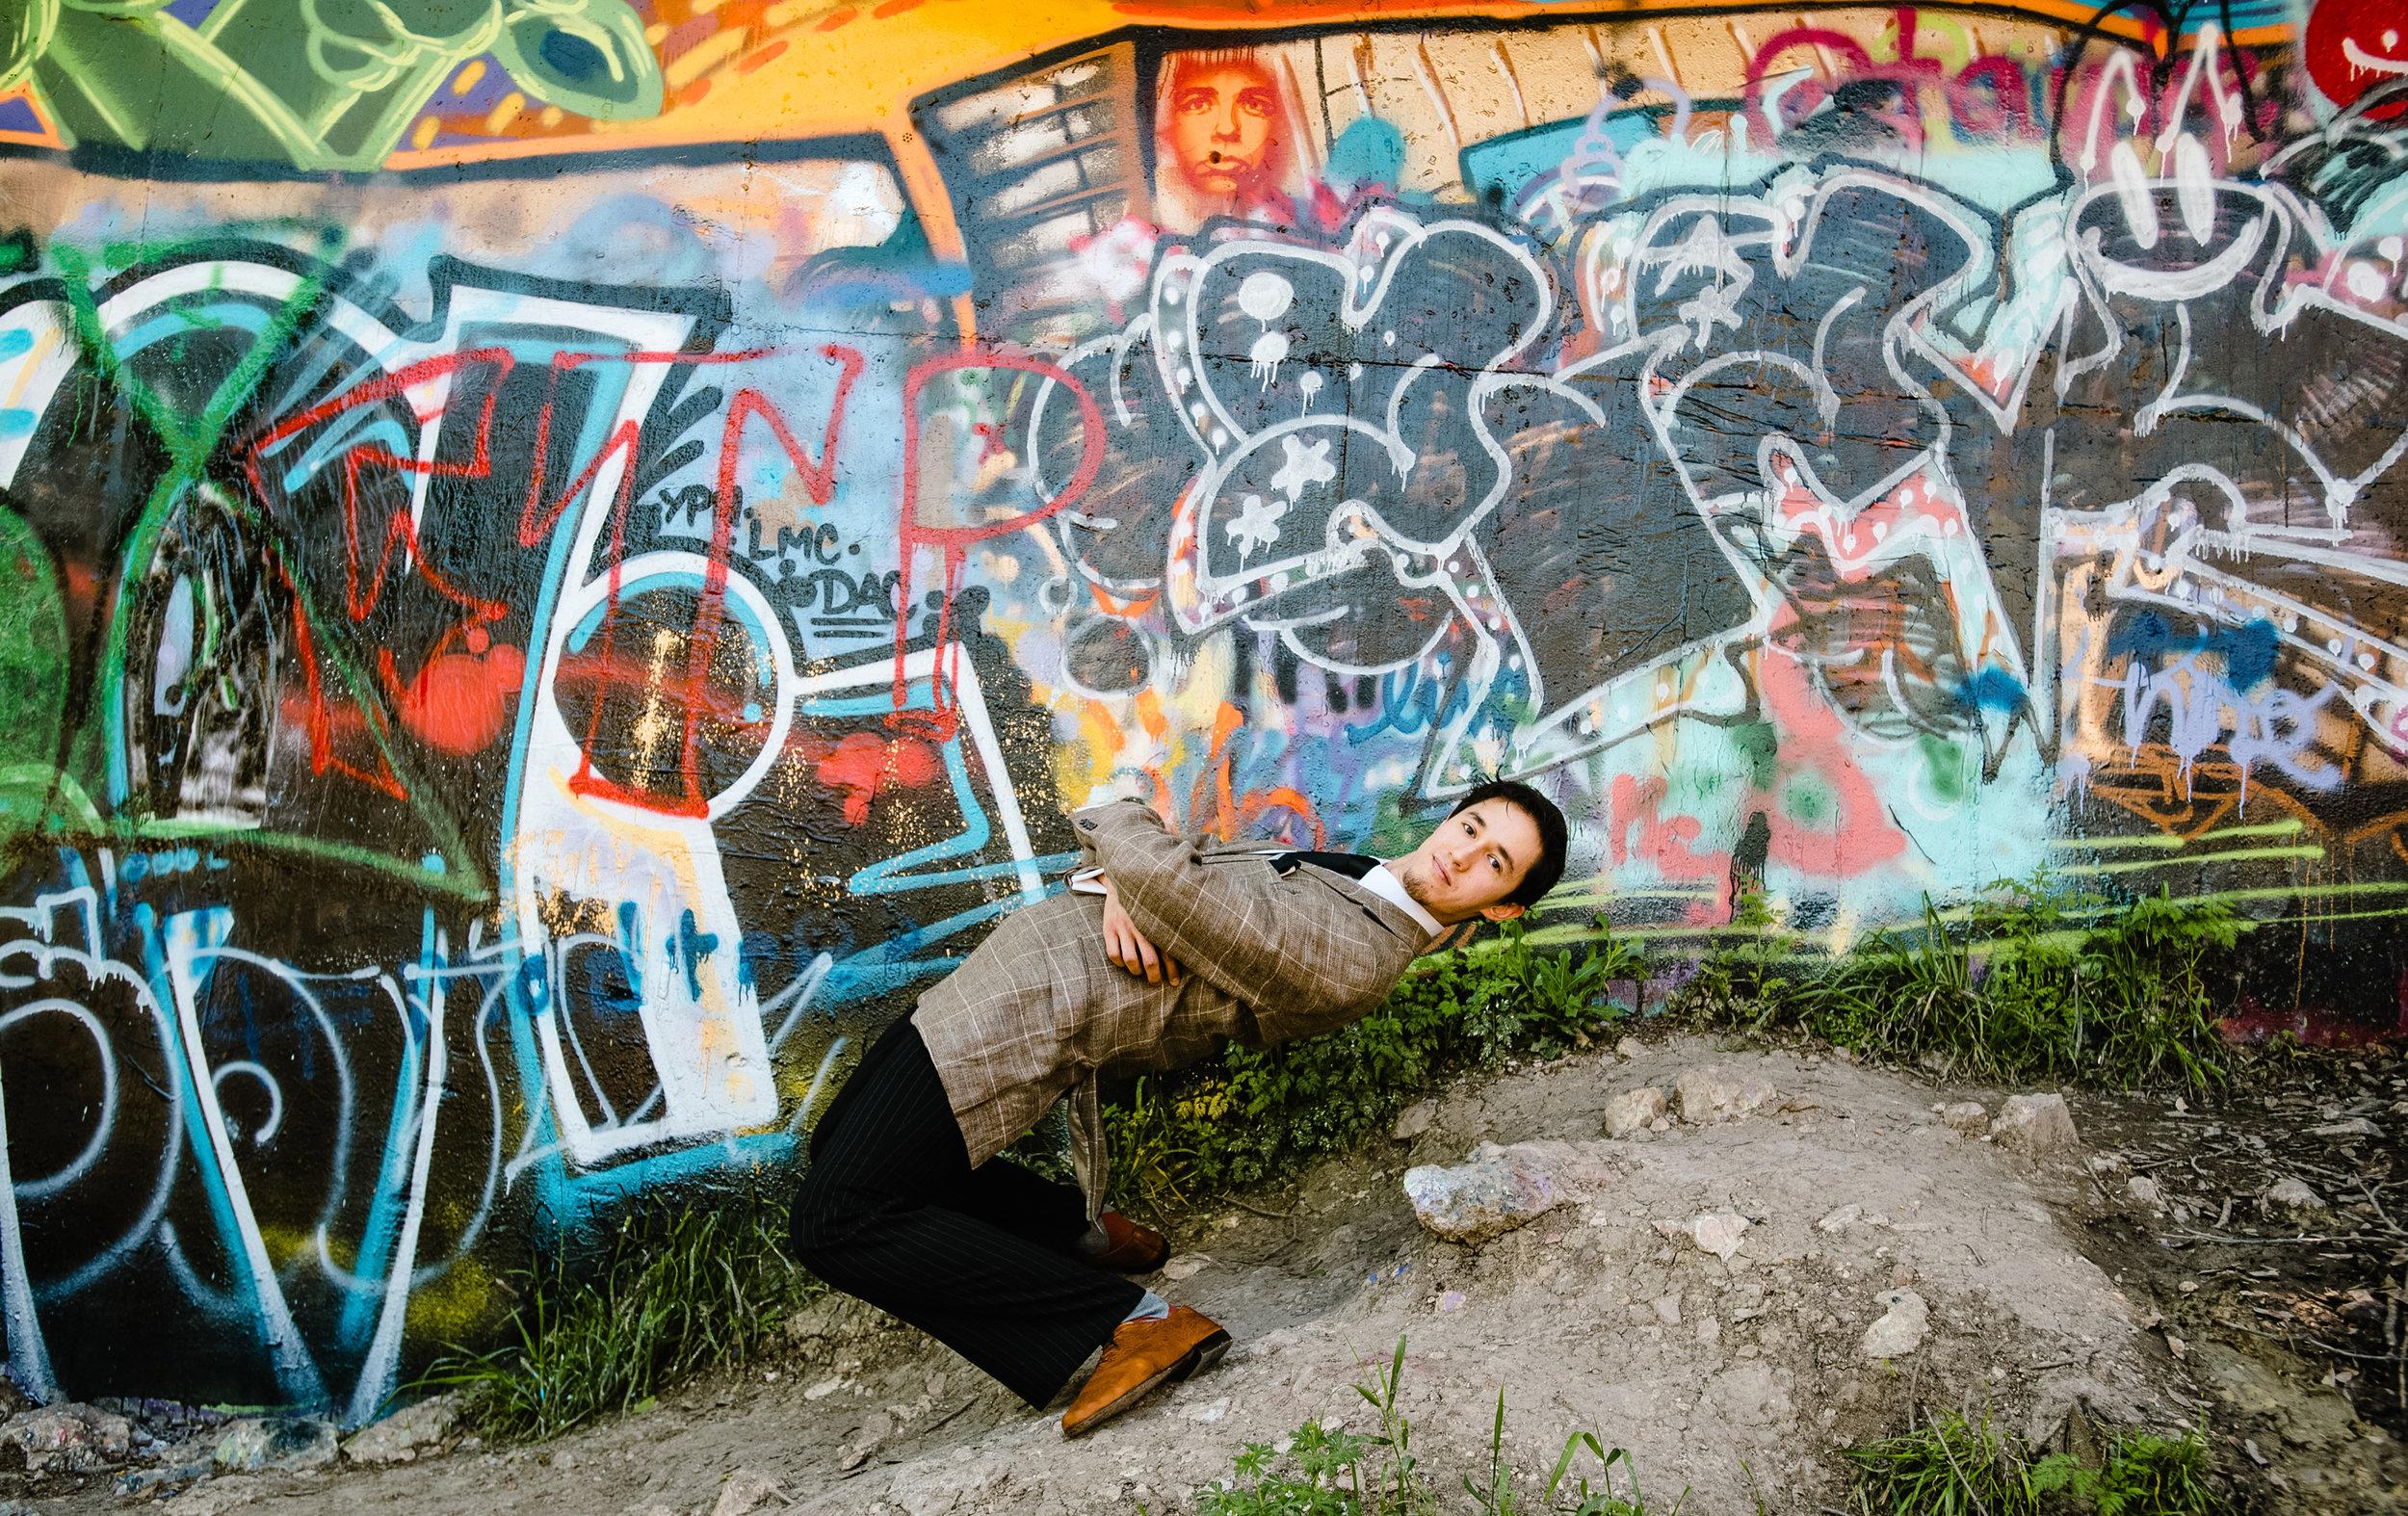 Austin-graffiti-Mike-Grosser-photo.jpg